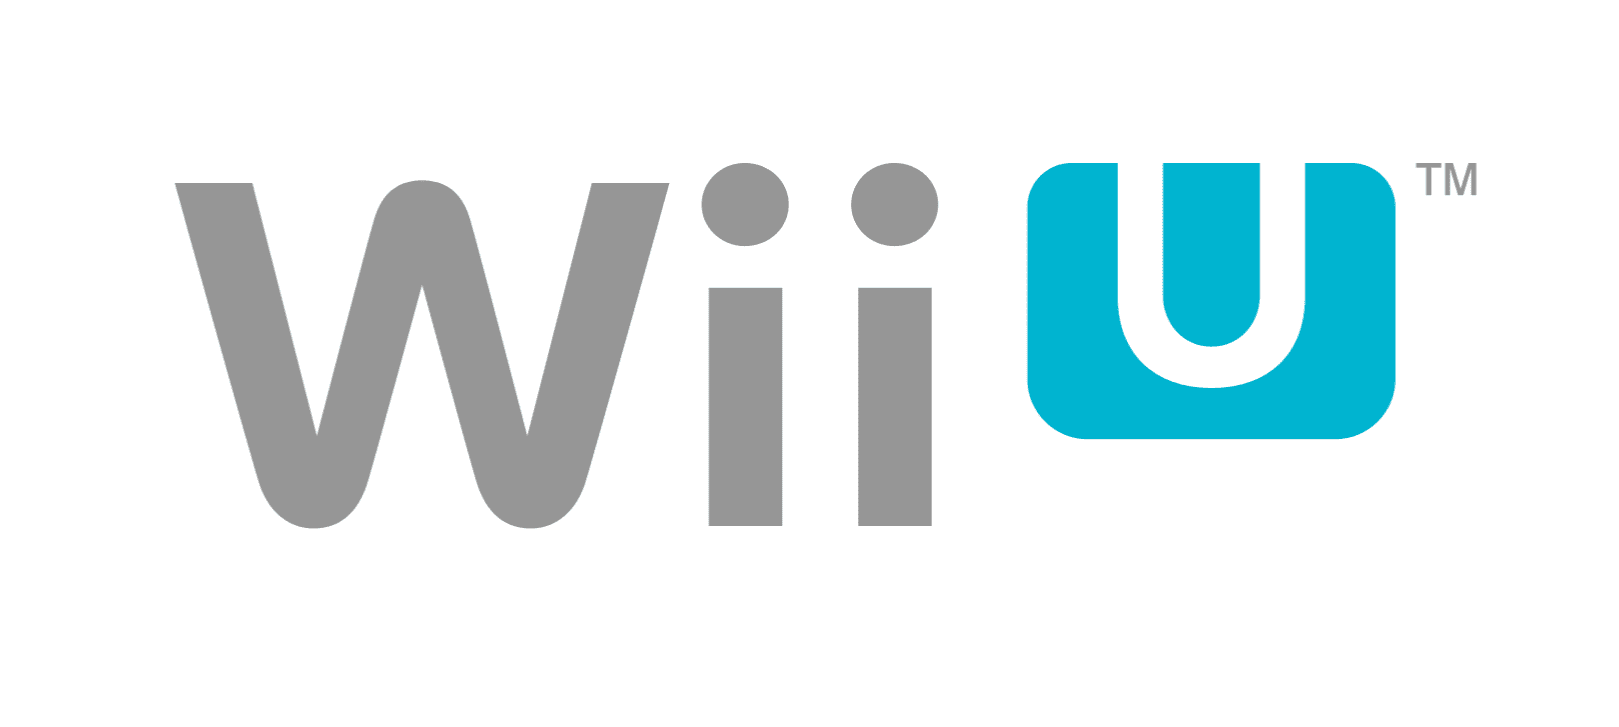 Nintendo will not be doing an Ambassador Program for Wii U